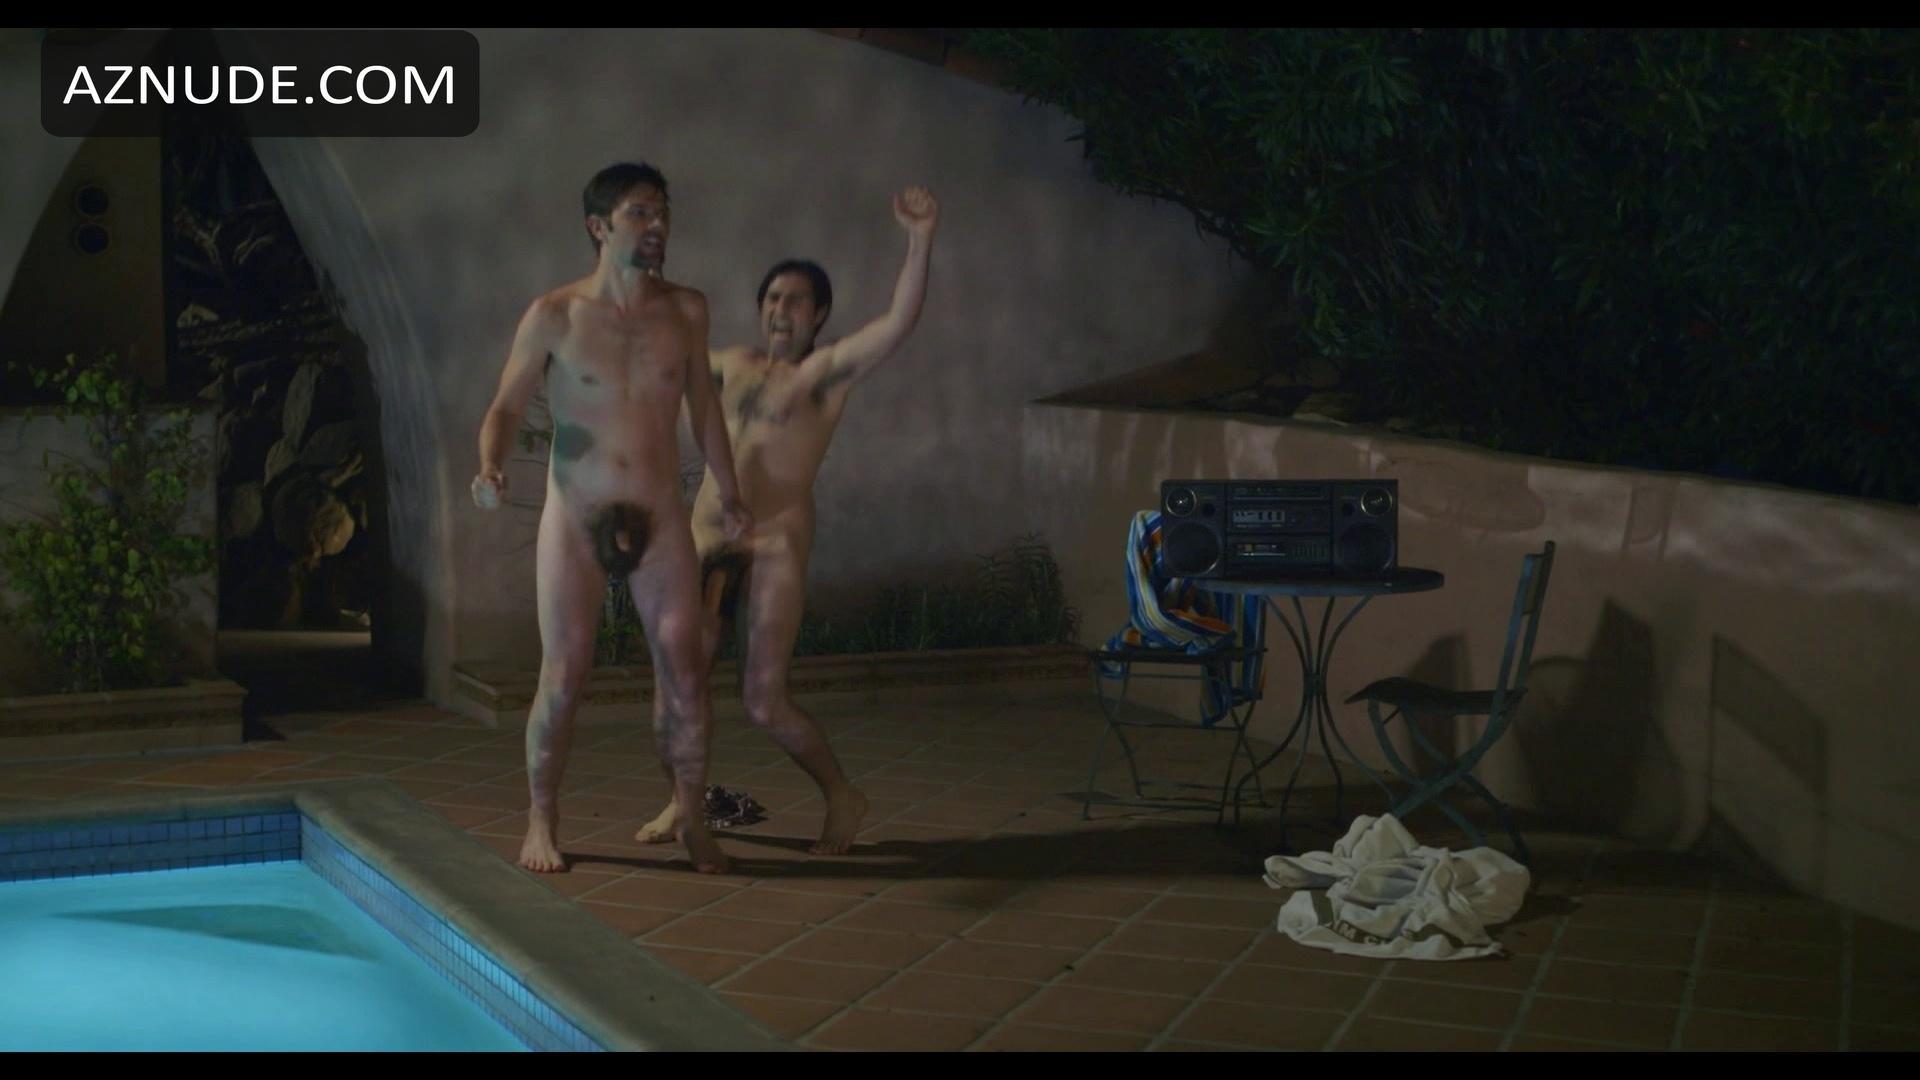 Sexy Men Butt Naked